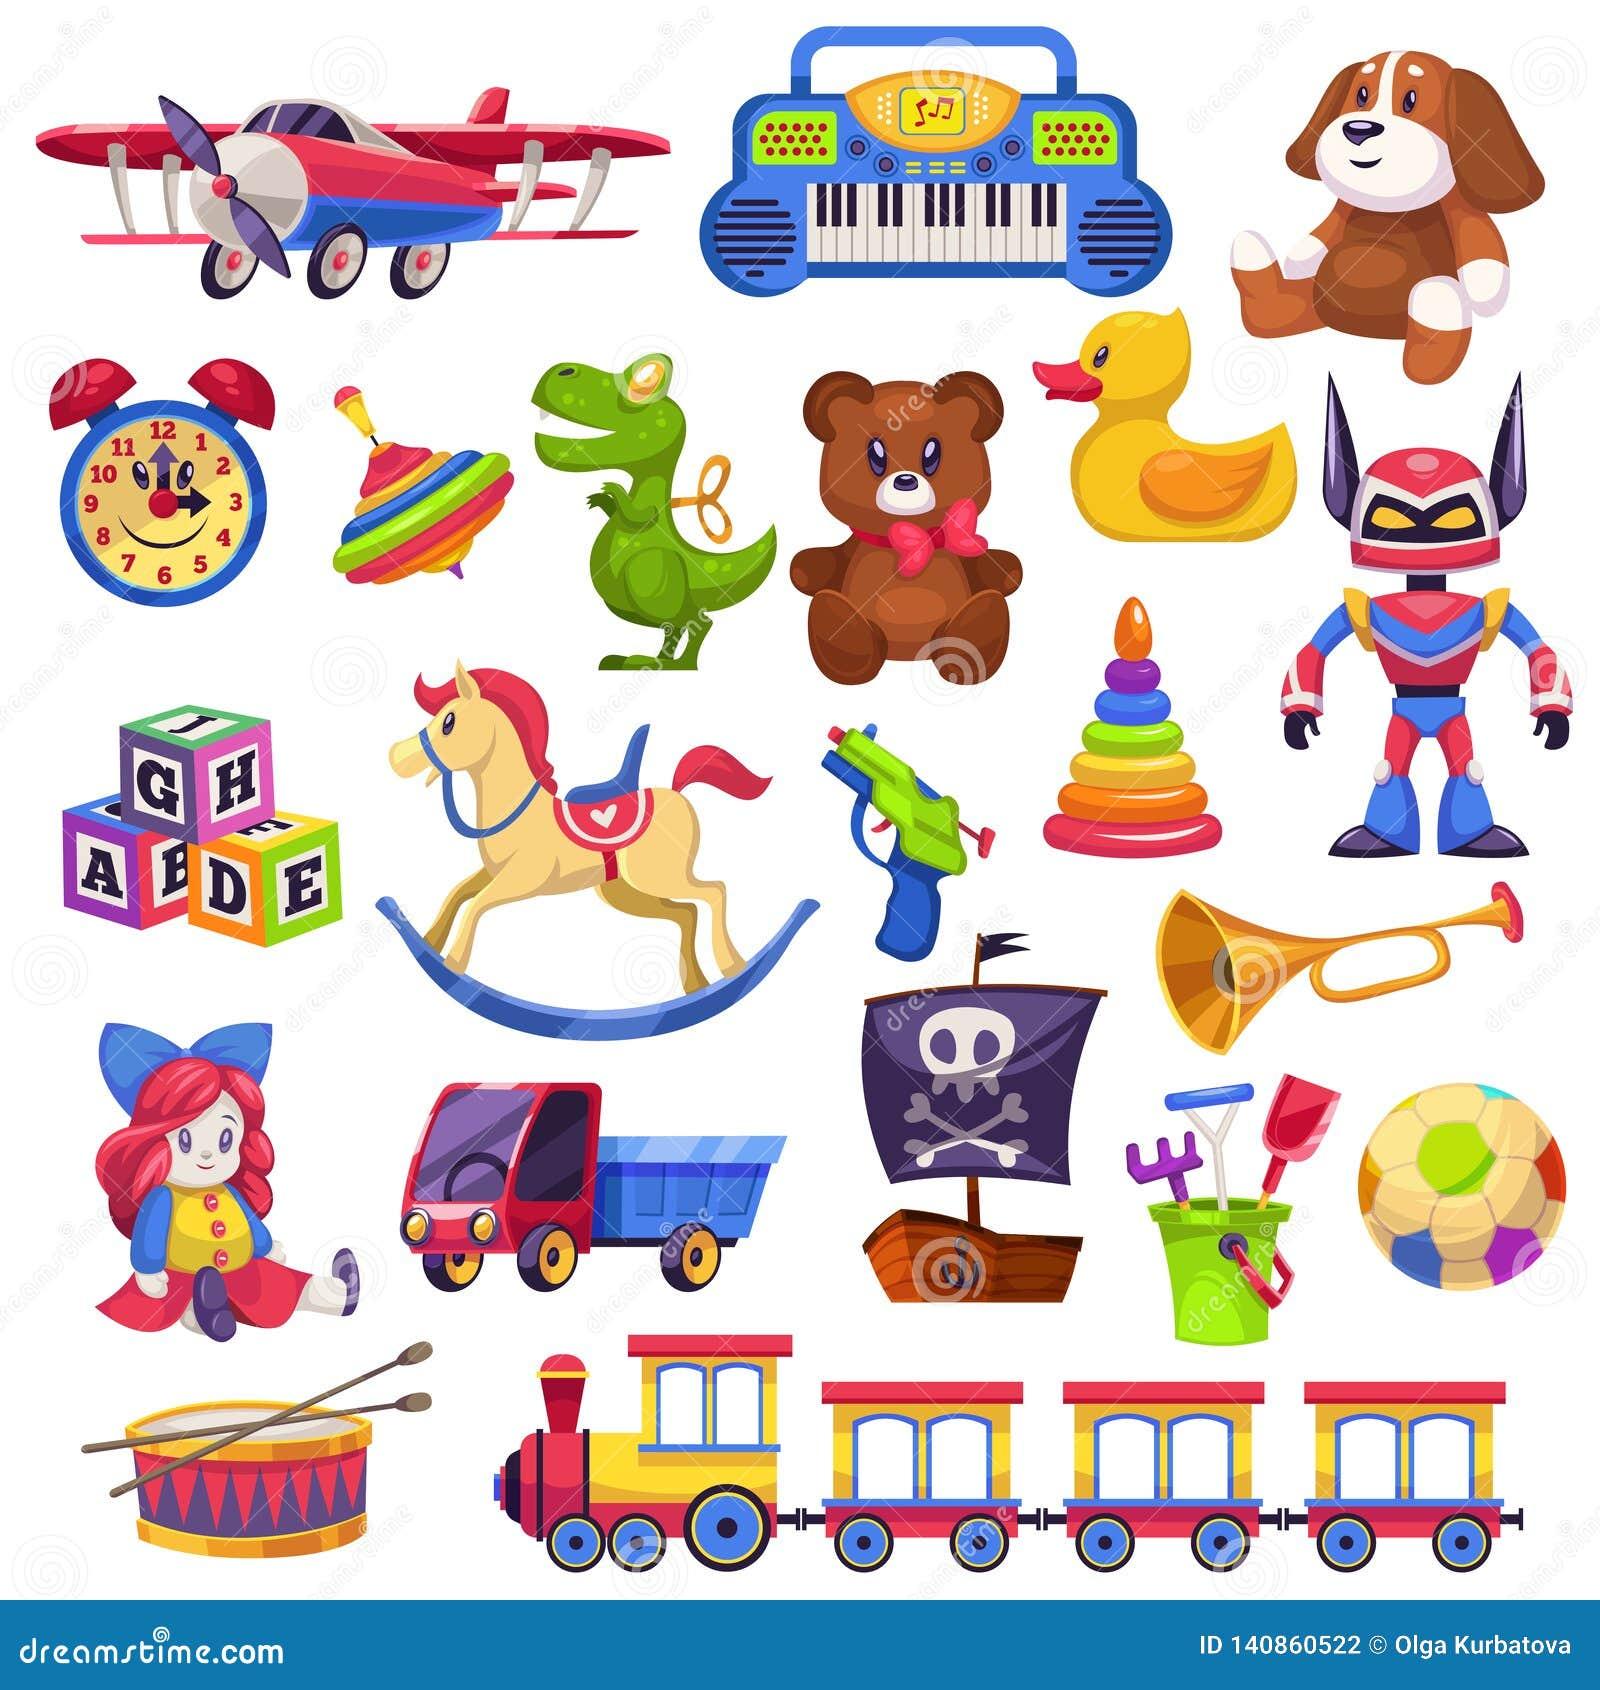 被设置的孩子玩具 玩具孩子儿童学龄前房子婴孩最后一球火车游艇马玩偶鸭子小船平面熊汽车金字塔